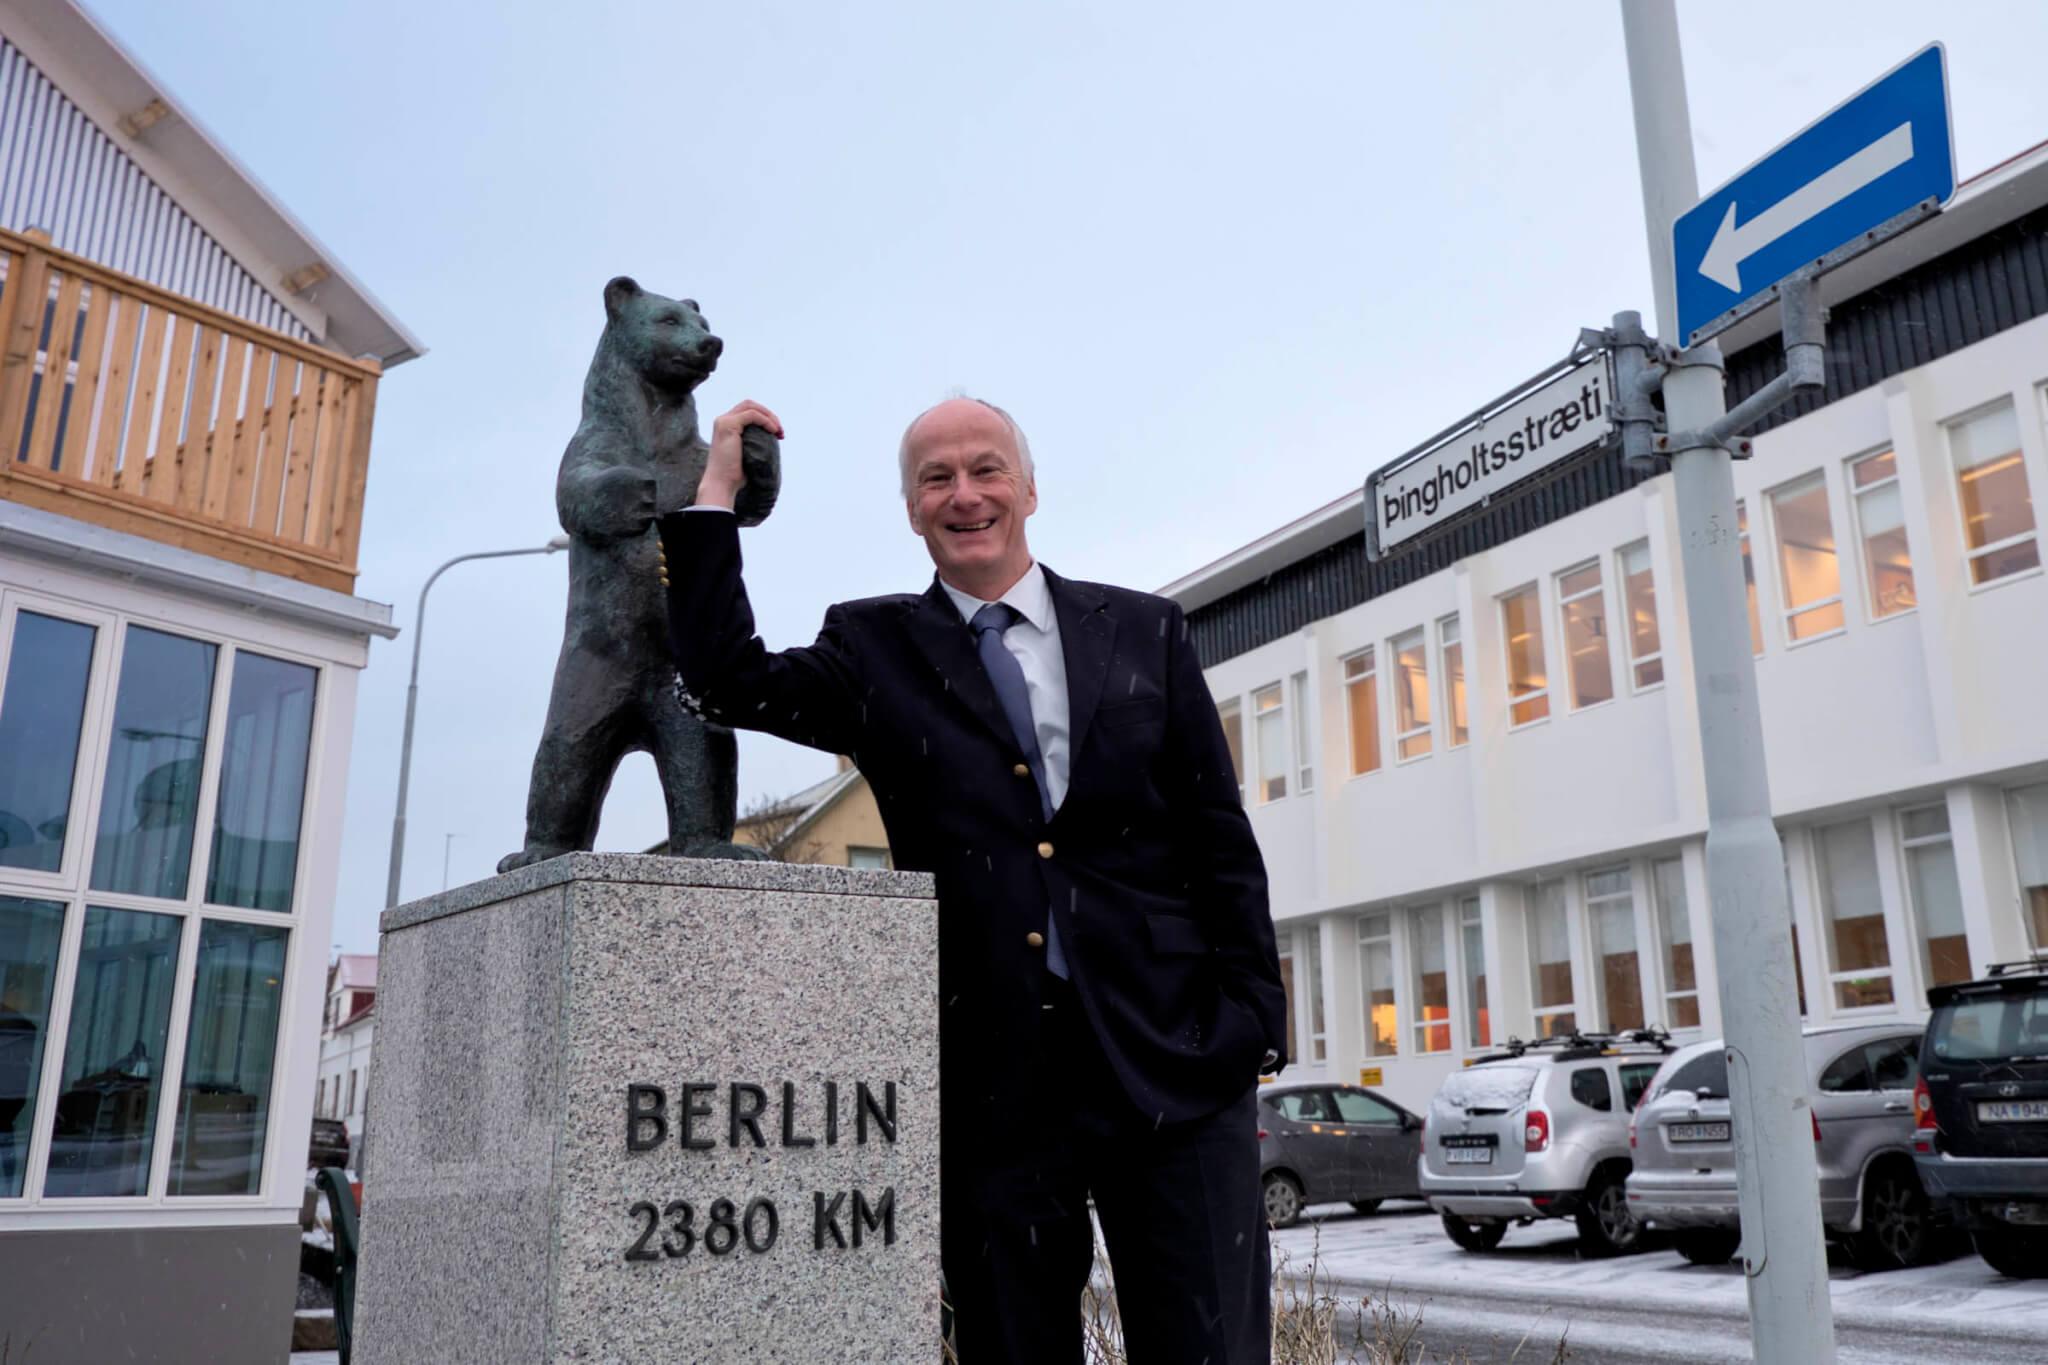 Berliner Bär Botschaft Reykjavík